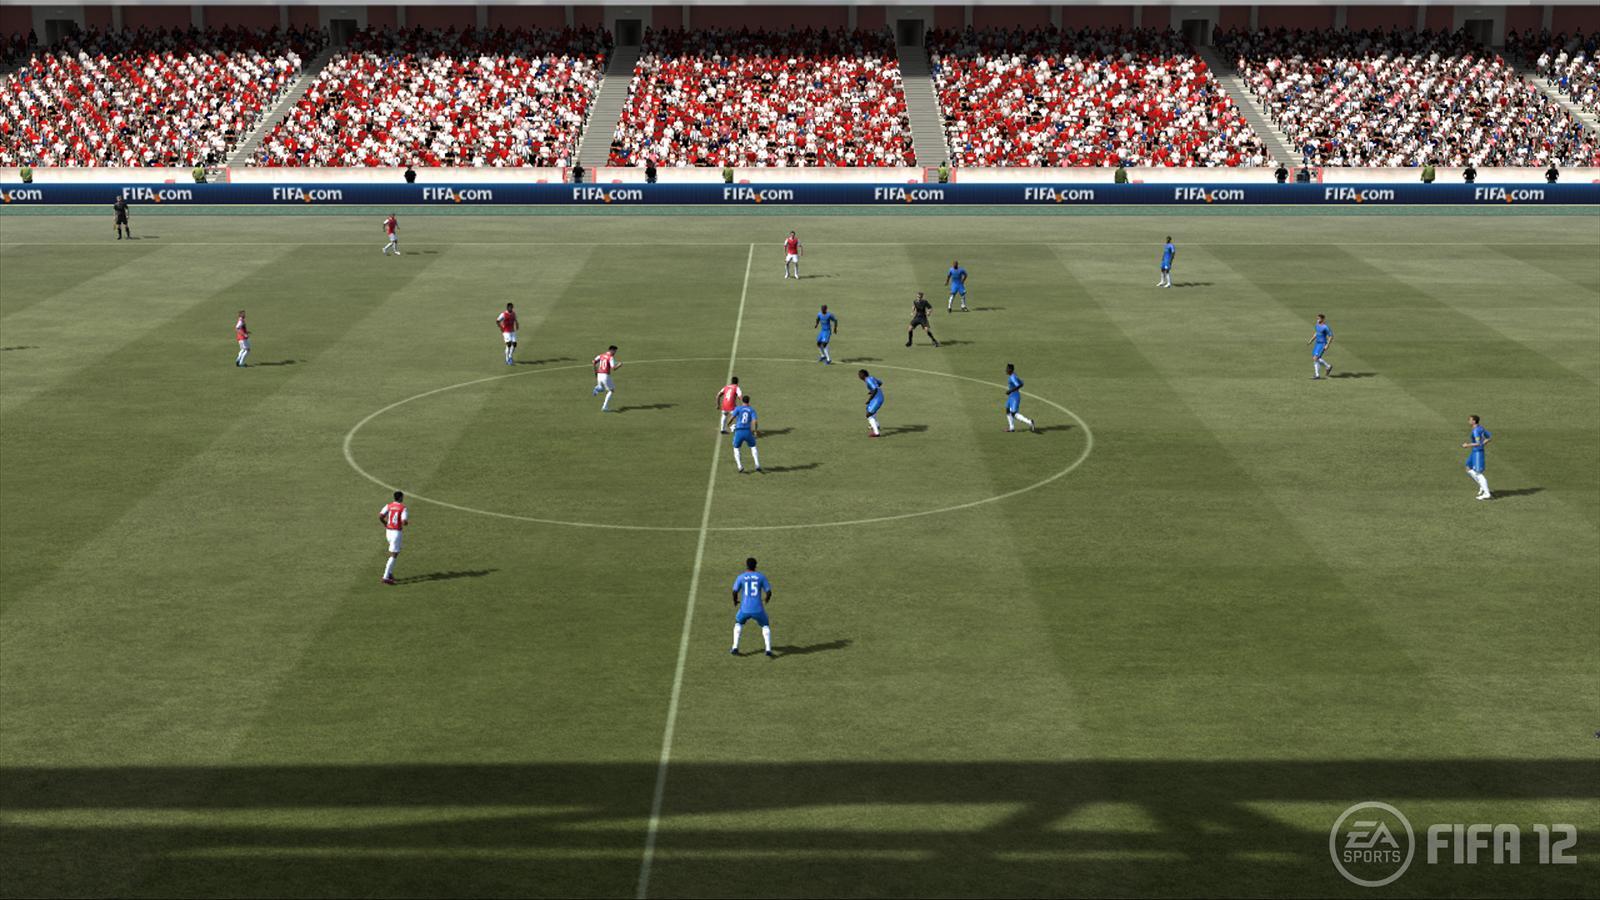 История в картинках (FIFA). - Изображение 20